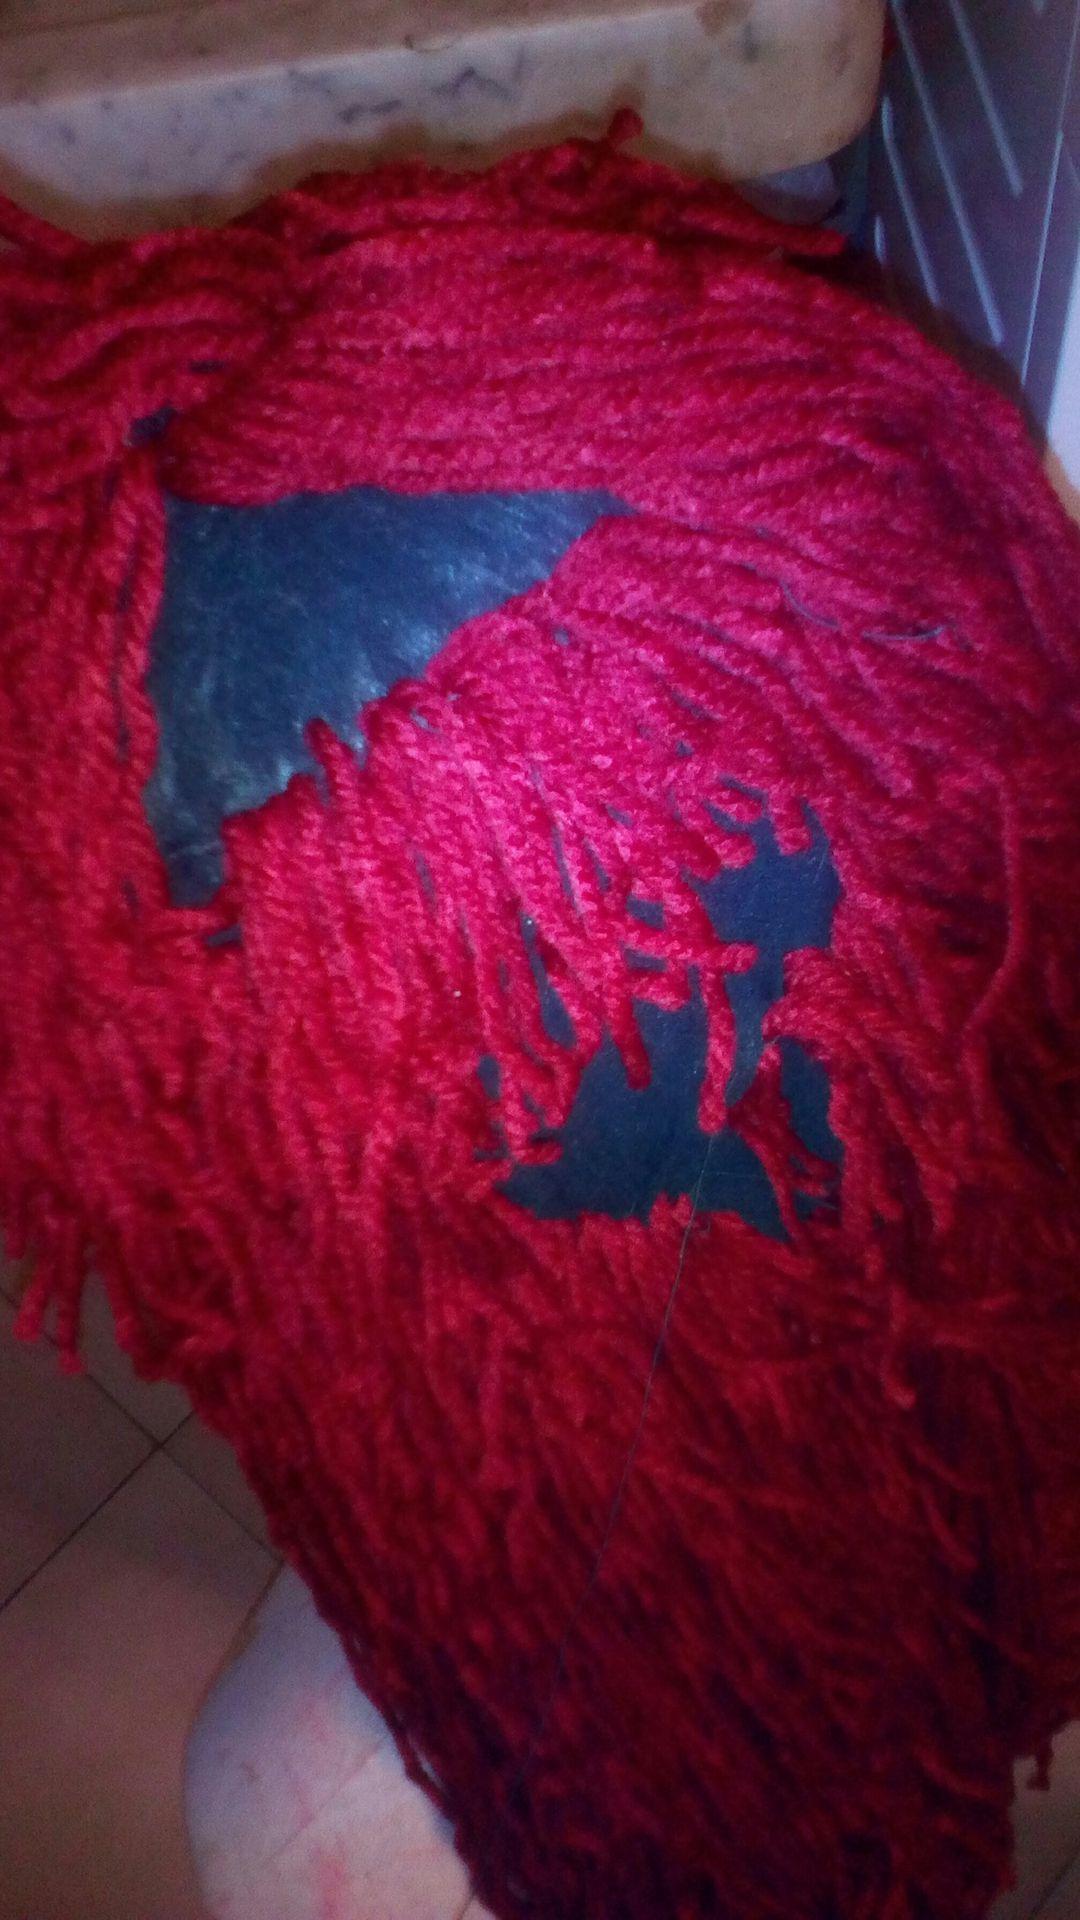 - Per coprire in più possibile i buchi lasciati fra un capello e l'altro potrebbe essere utile seguire il procedimento descritto, ma utilizzando fili di lana molto più sottili ( vedi figura )